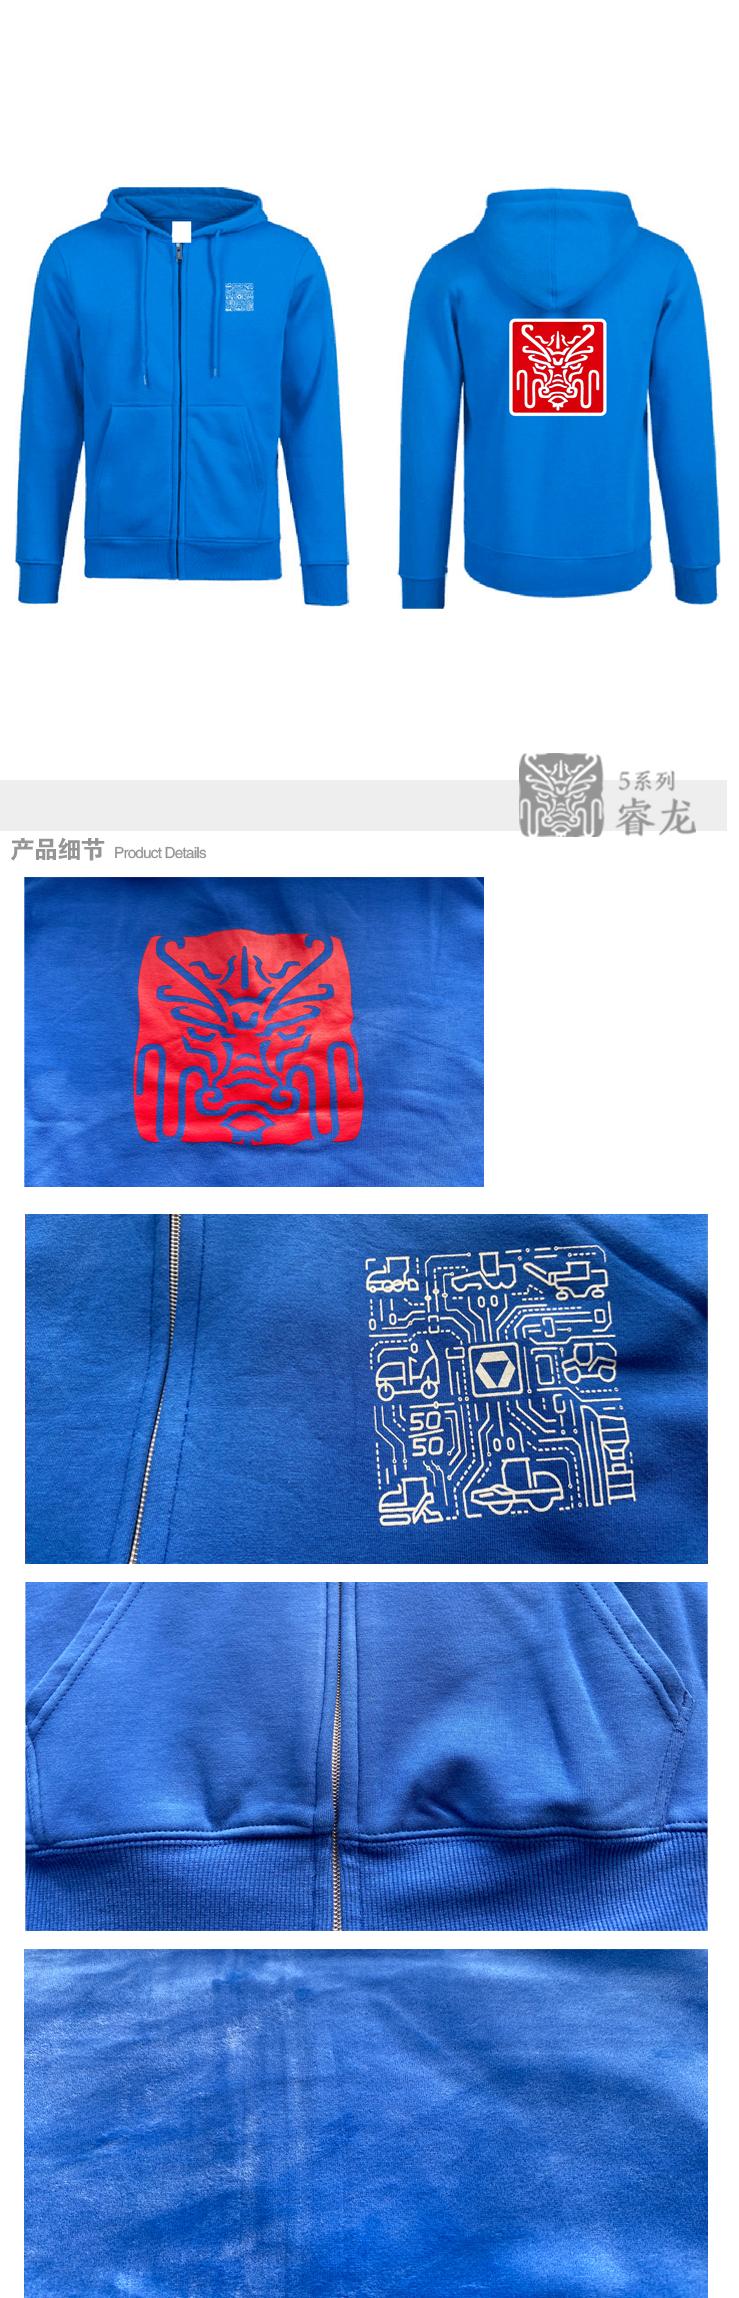 徐工文创5系列睿龙时尚卫衣(拉链式)